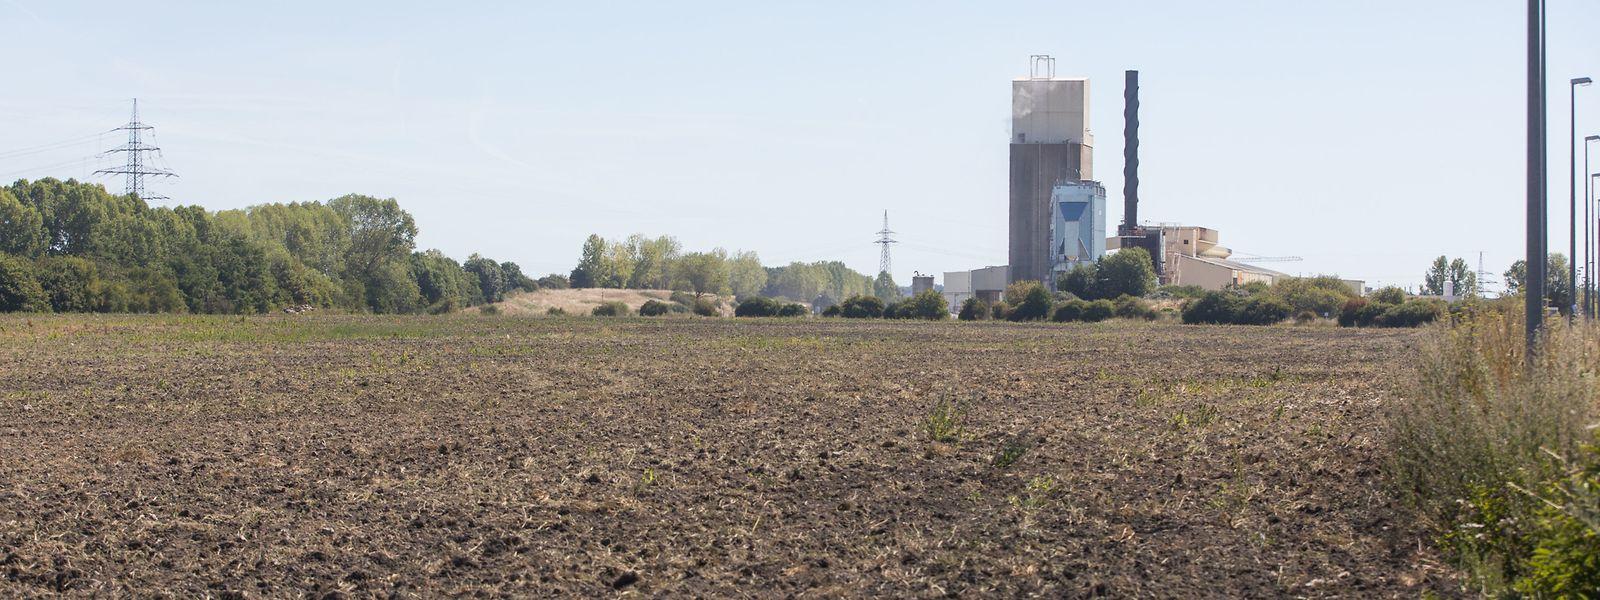 Die Großmolkerei sollte in der Industriezone Wolser gebaut werden.